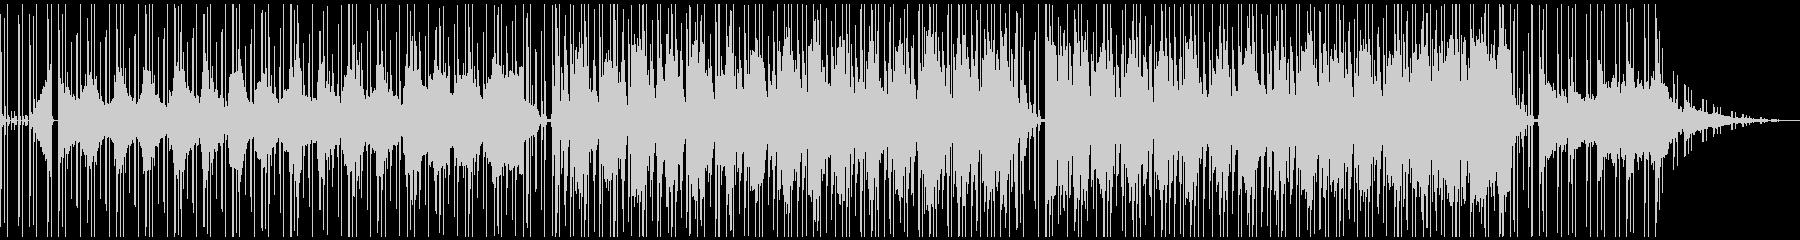 Lo-Fiビートのメロウで都会的チルの未再生の波形